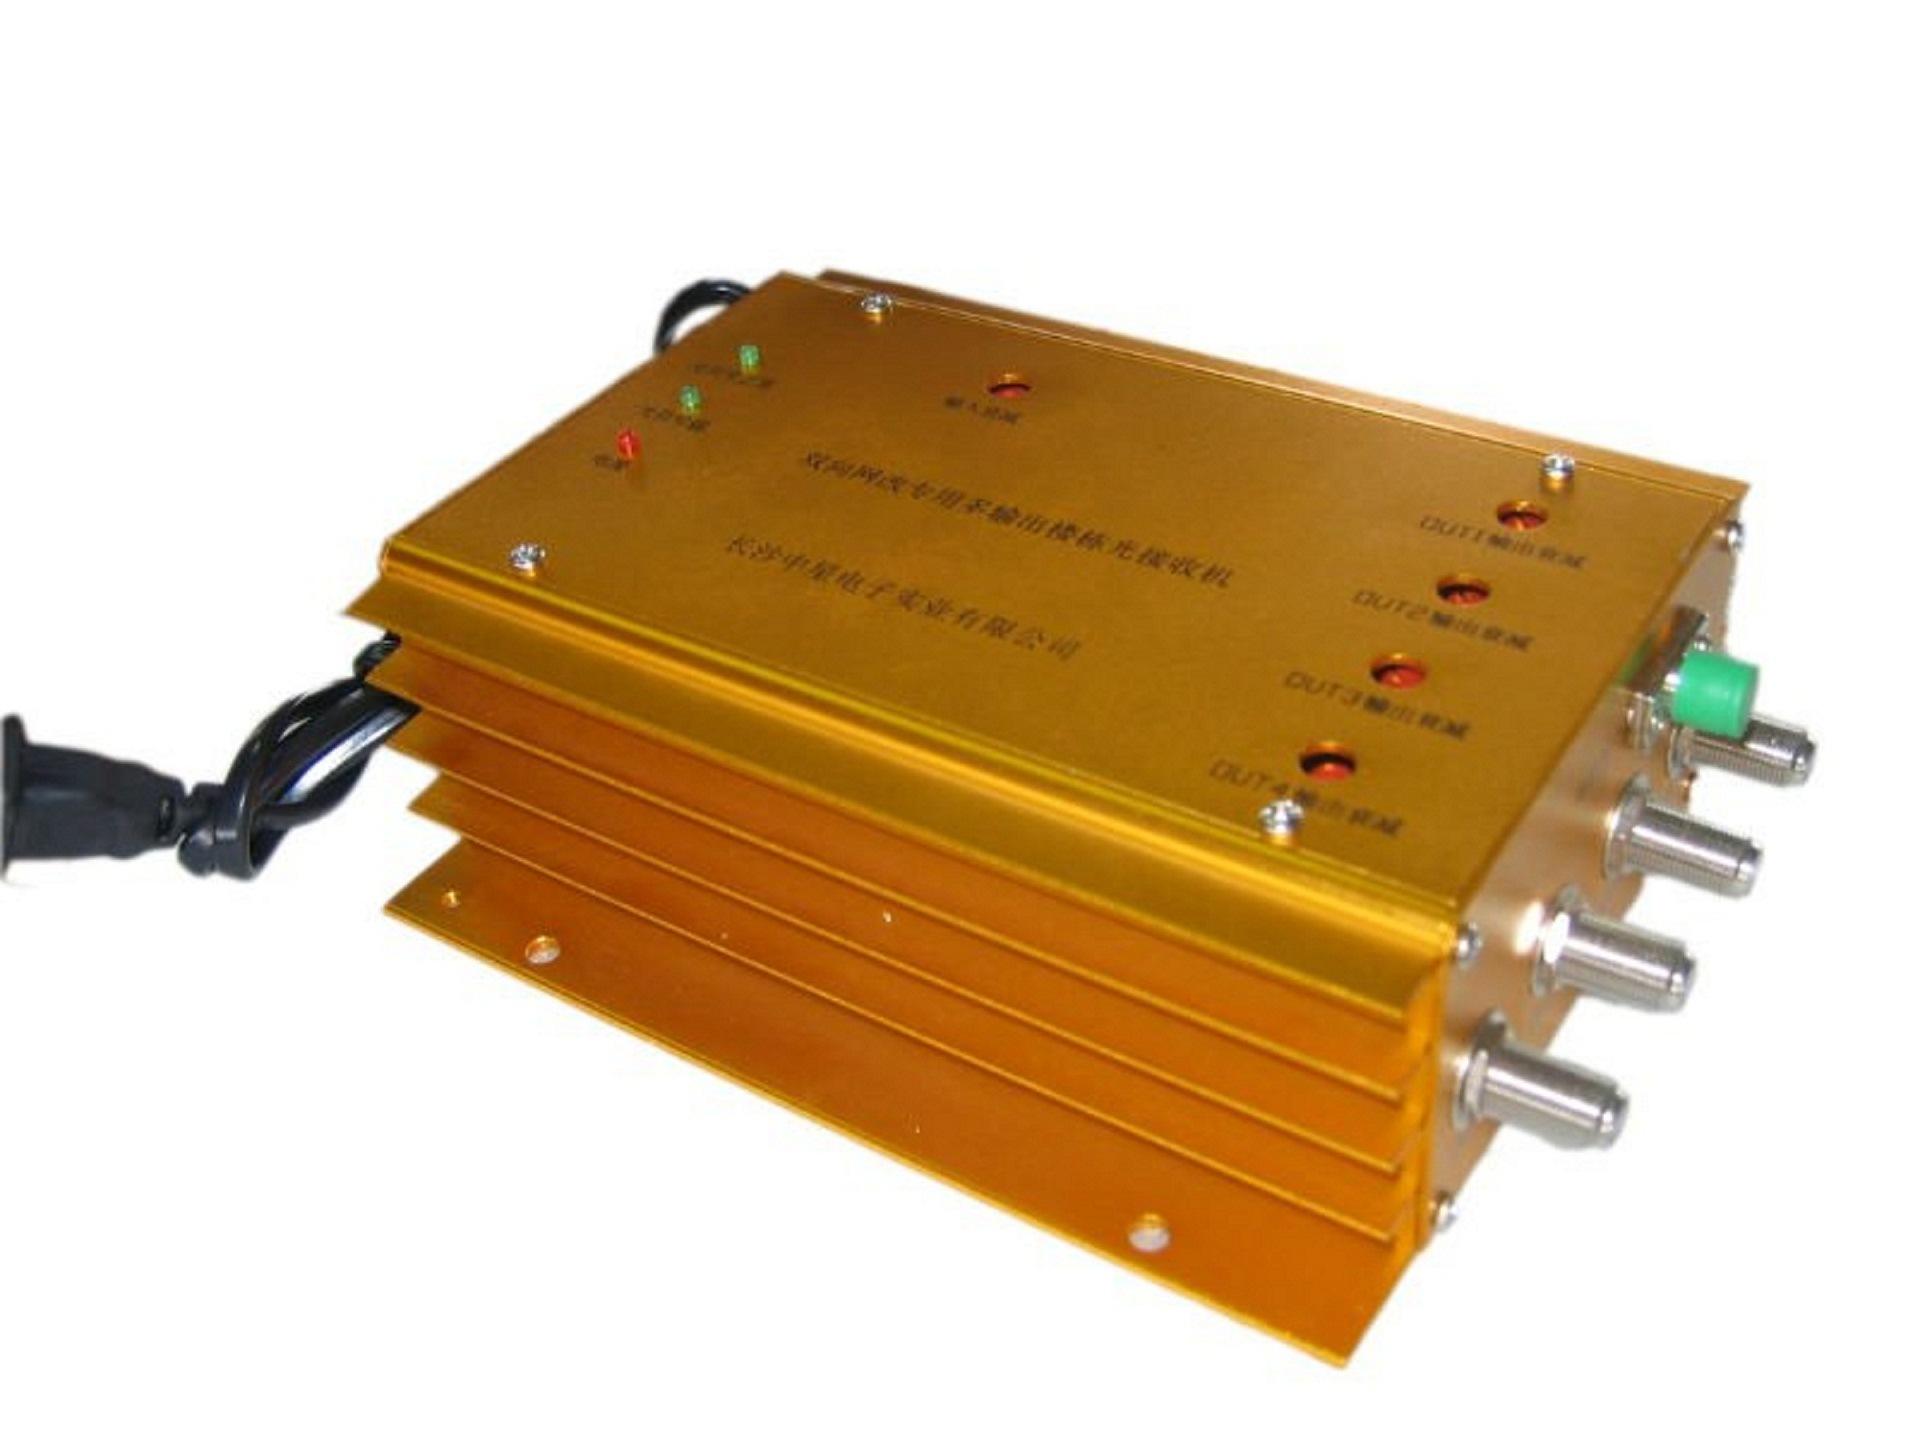 Building Opical Receiver/Optica Node (HKTGS-005)